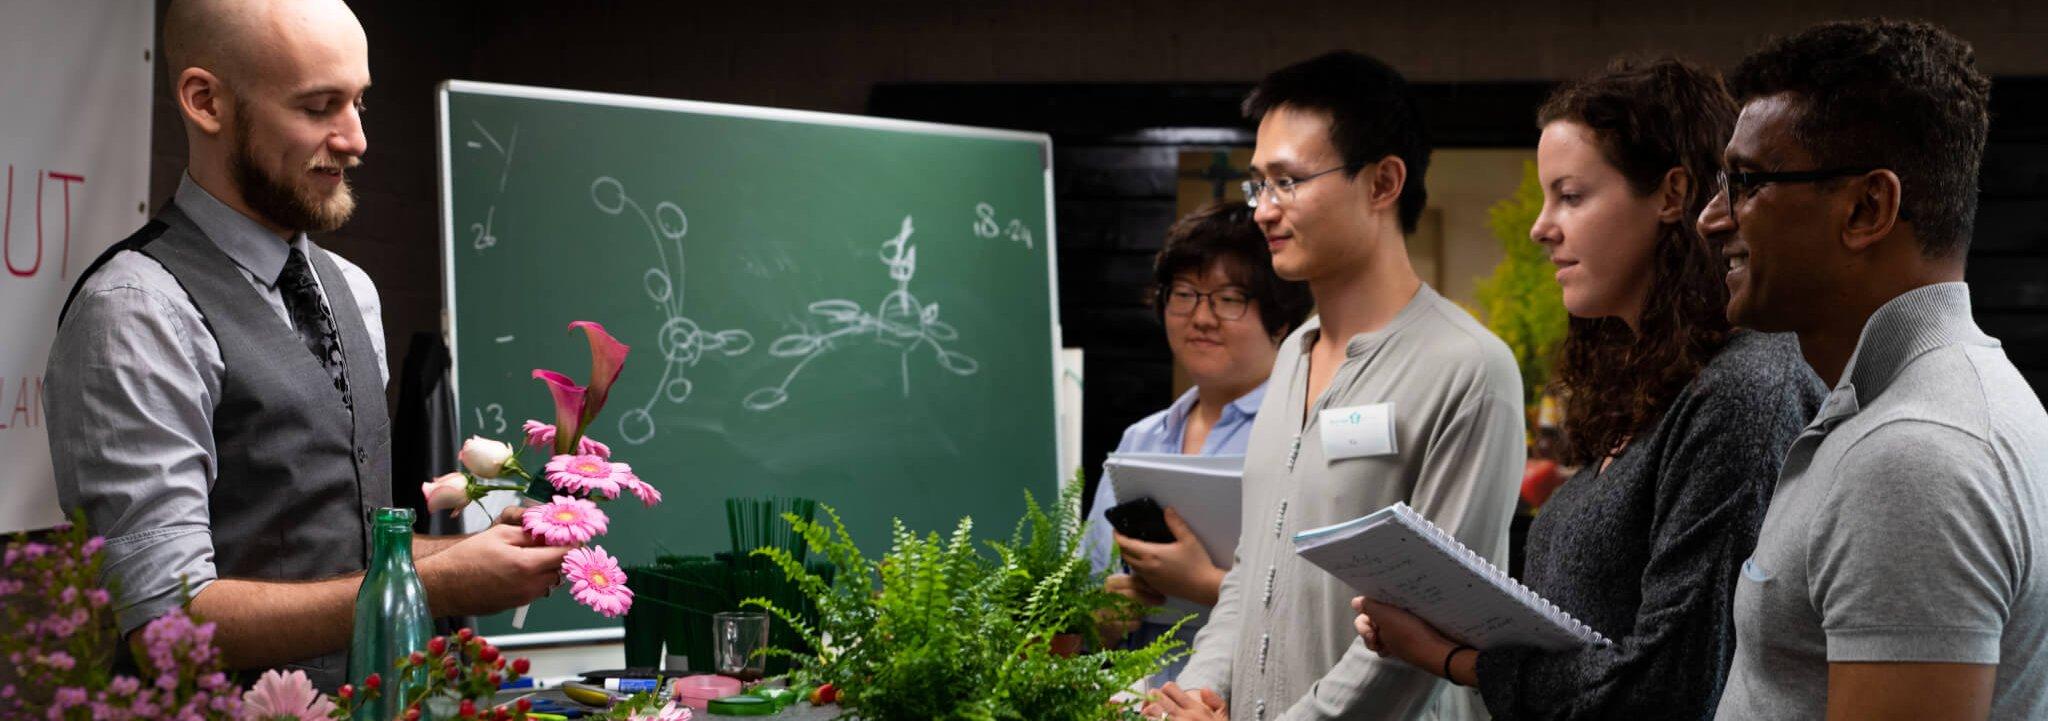 Bloemen in Aalsmeer: Boerma Instituut Aalsmeer